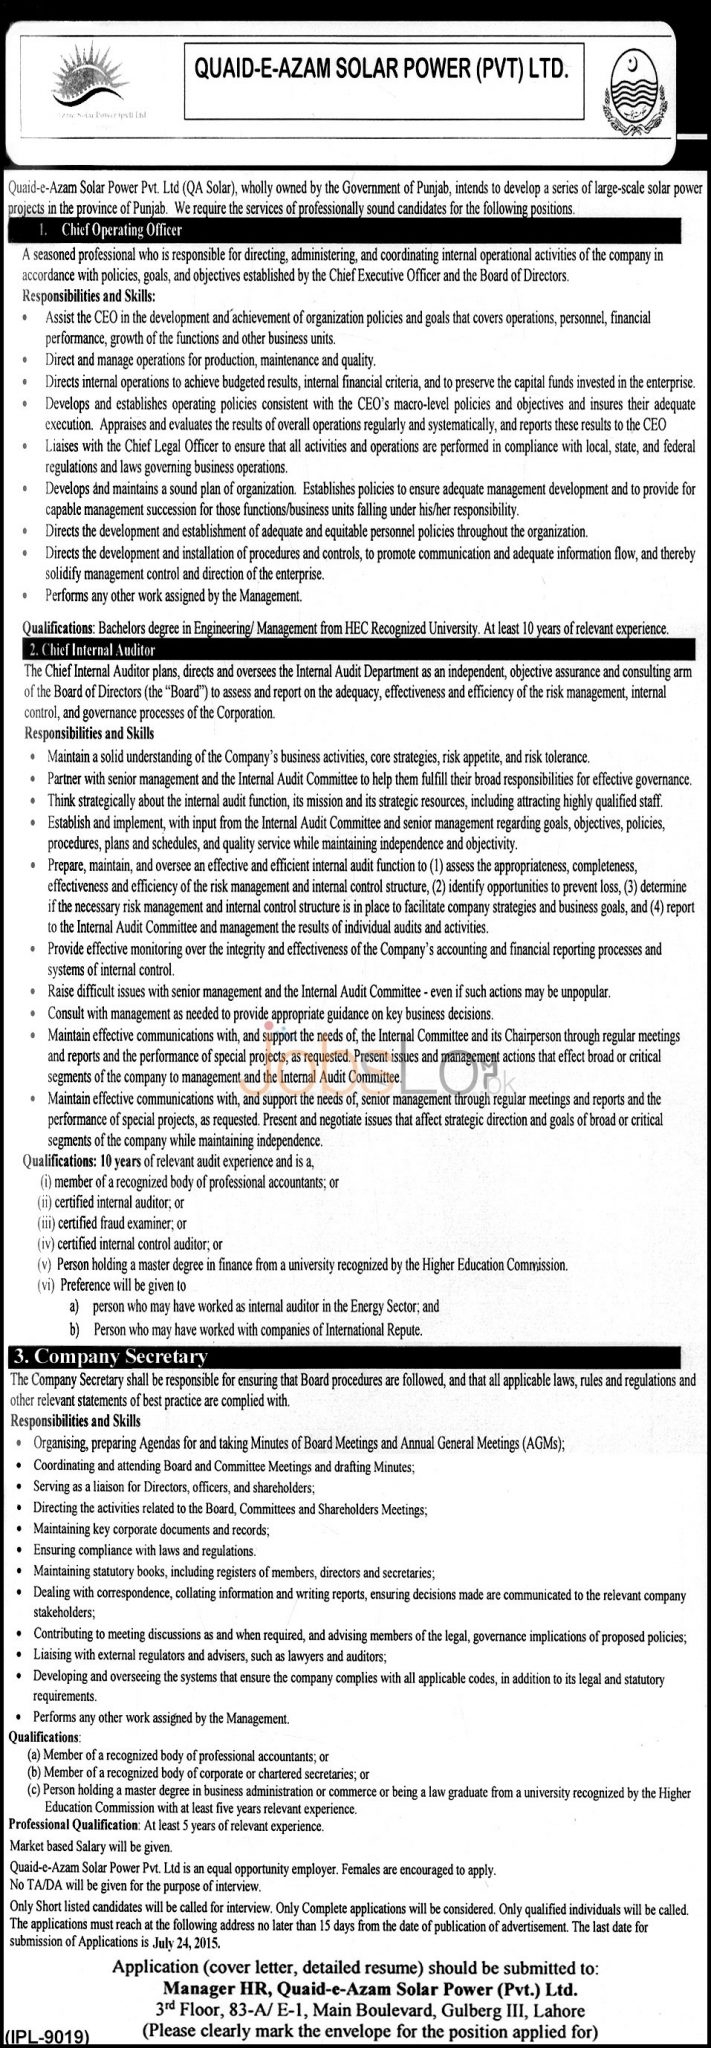 Quaid e Azam Solar Power Company Pvt Ltd Lahore Jobs July 2015